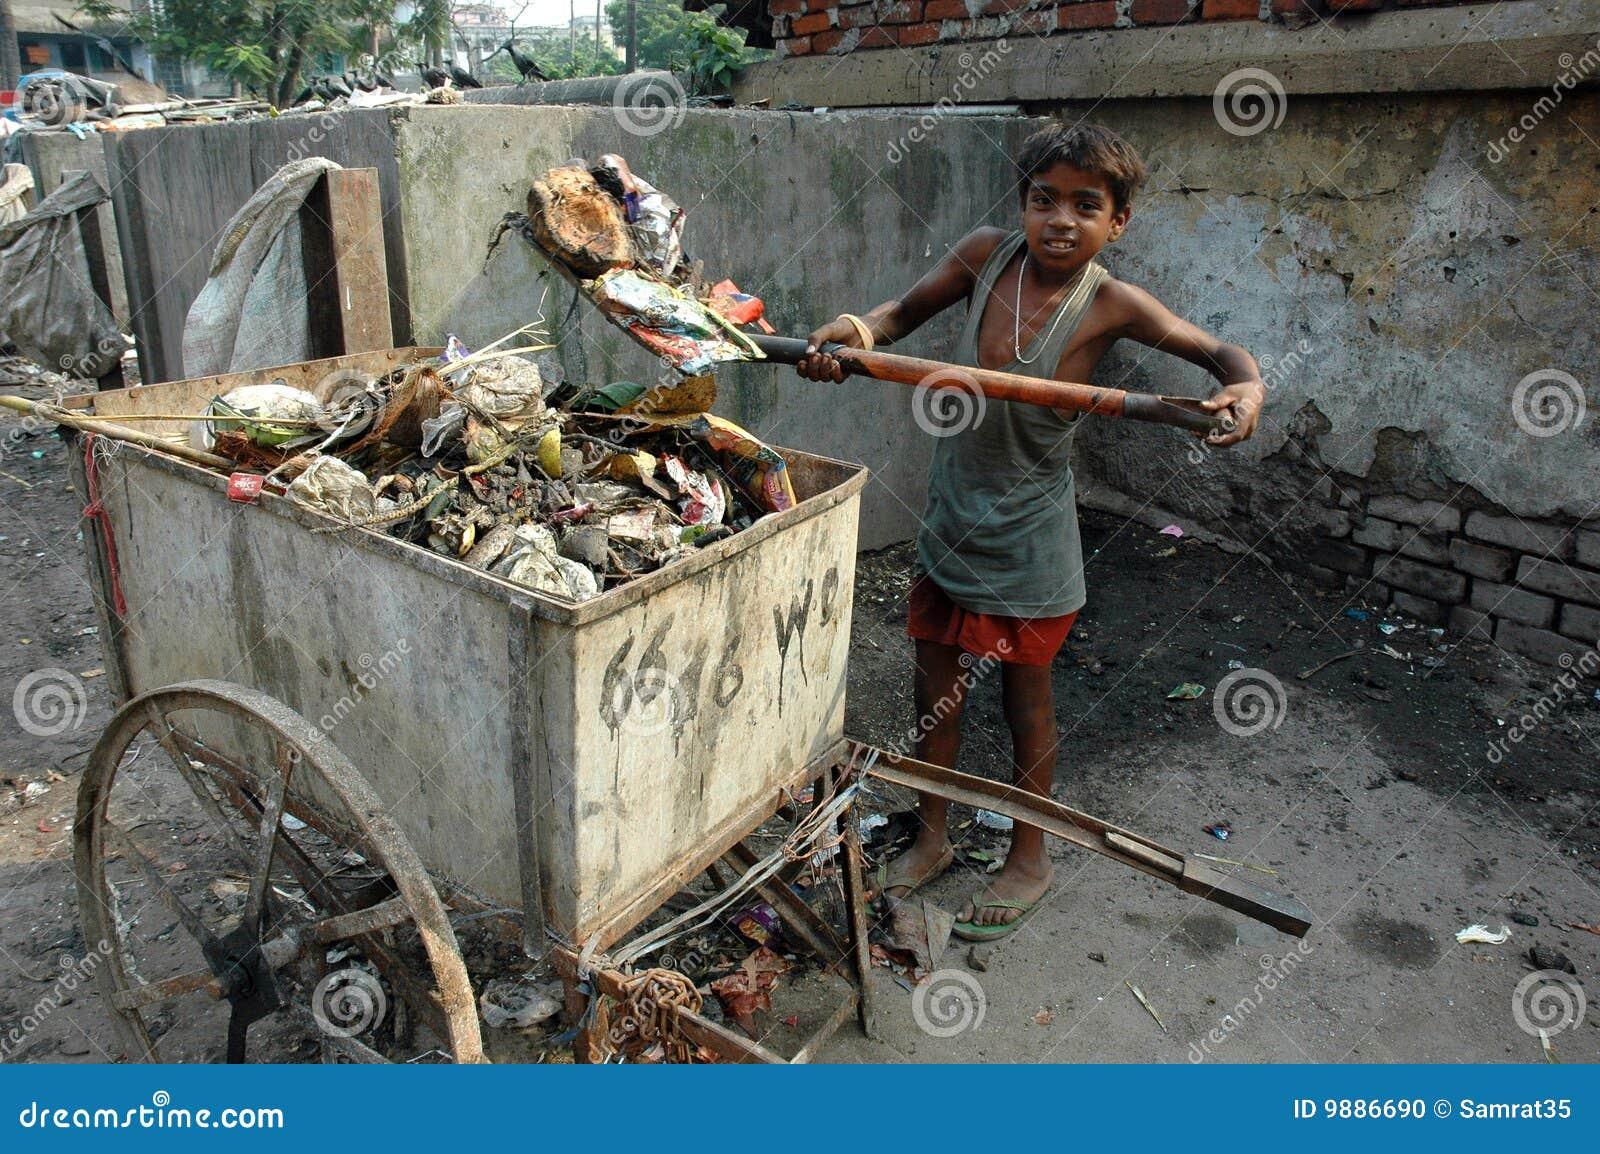 Lavori infantili in India.